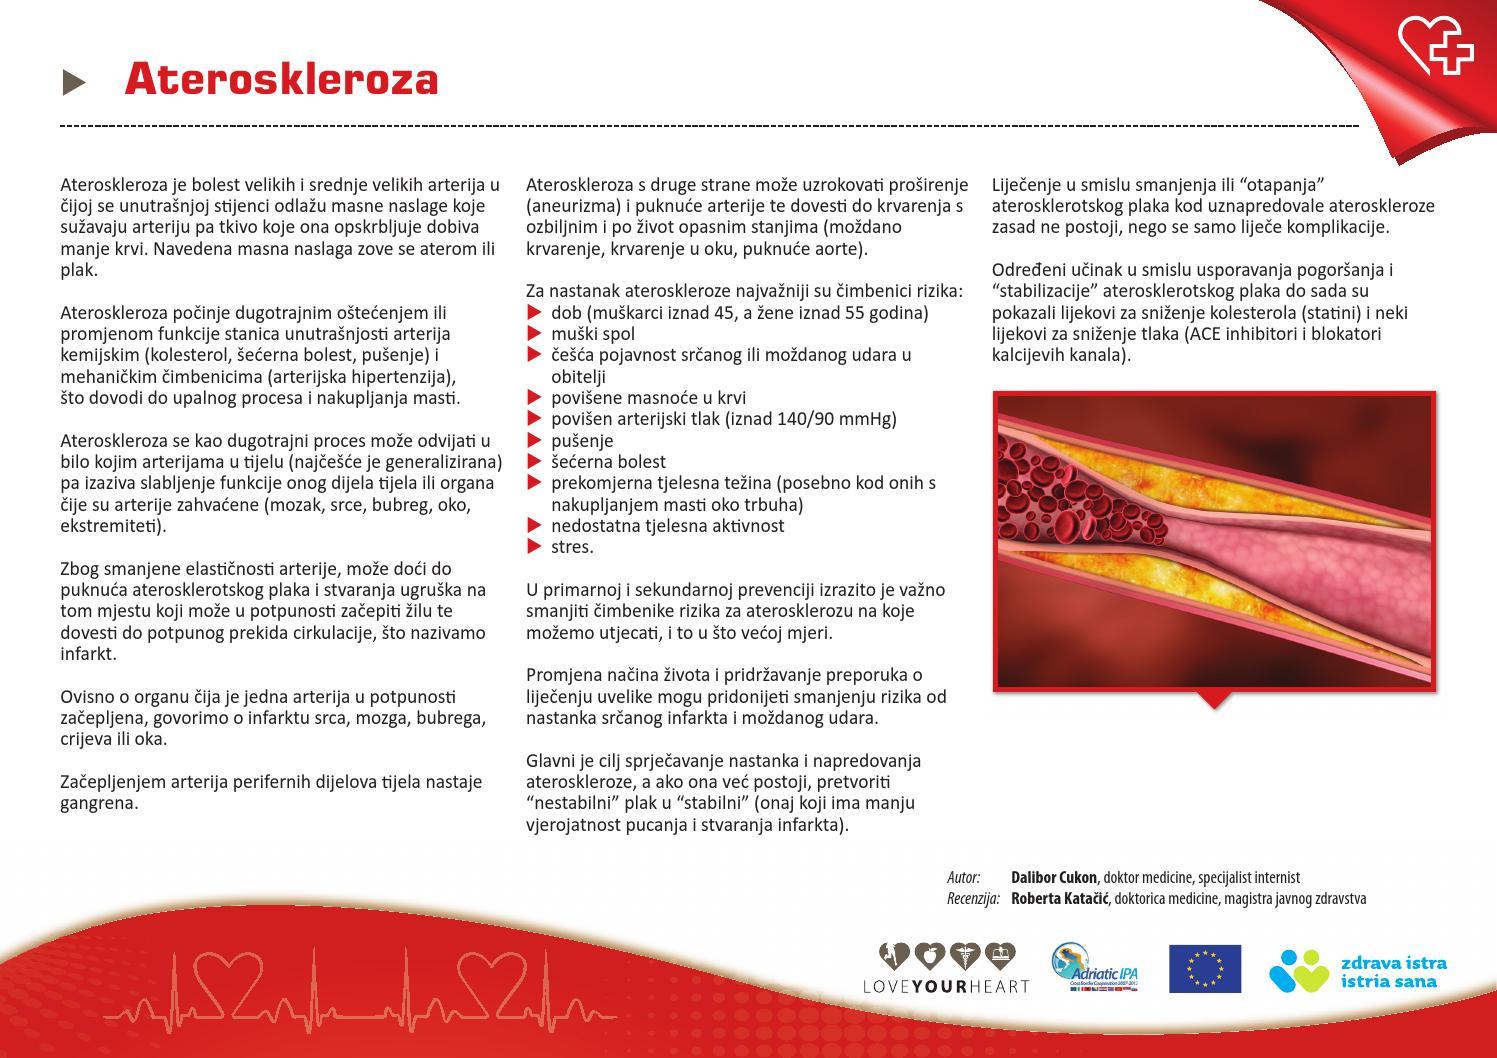 Plyšus aortai, retas kuris išgyvena: norint sumažinti riziką, veiksmų imtis galima nedelsiant